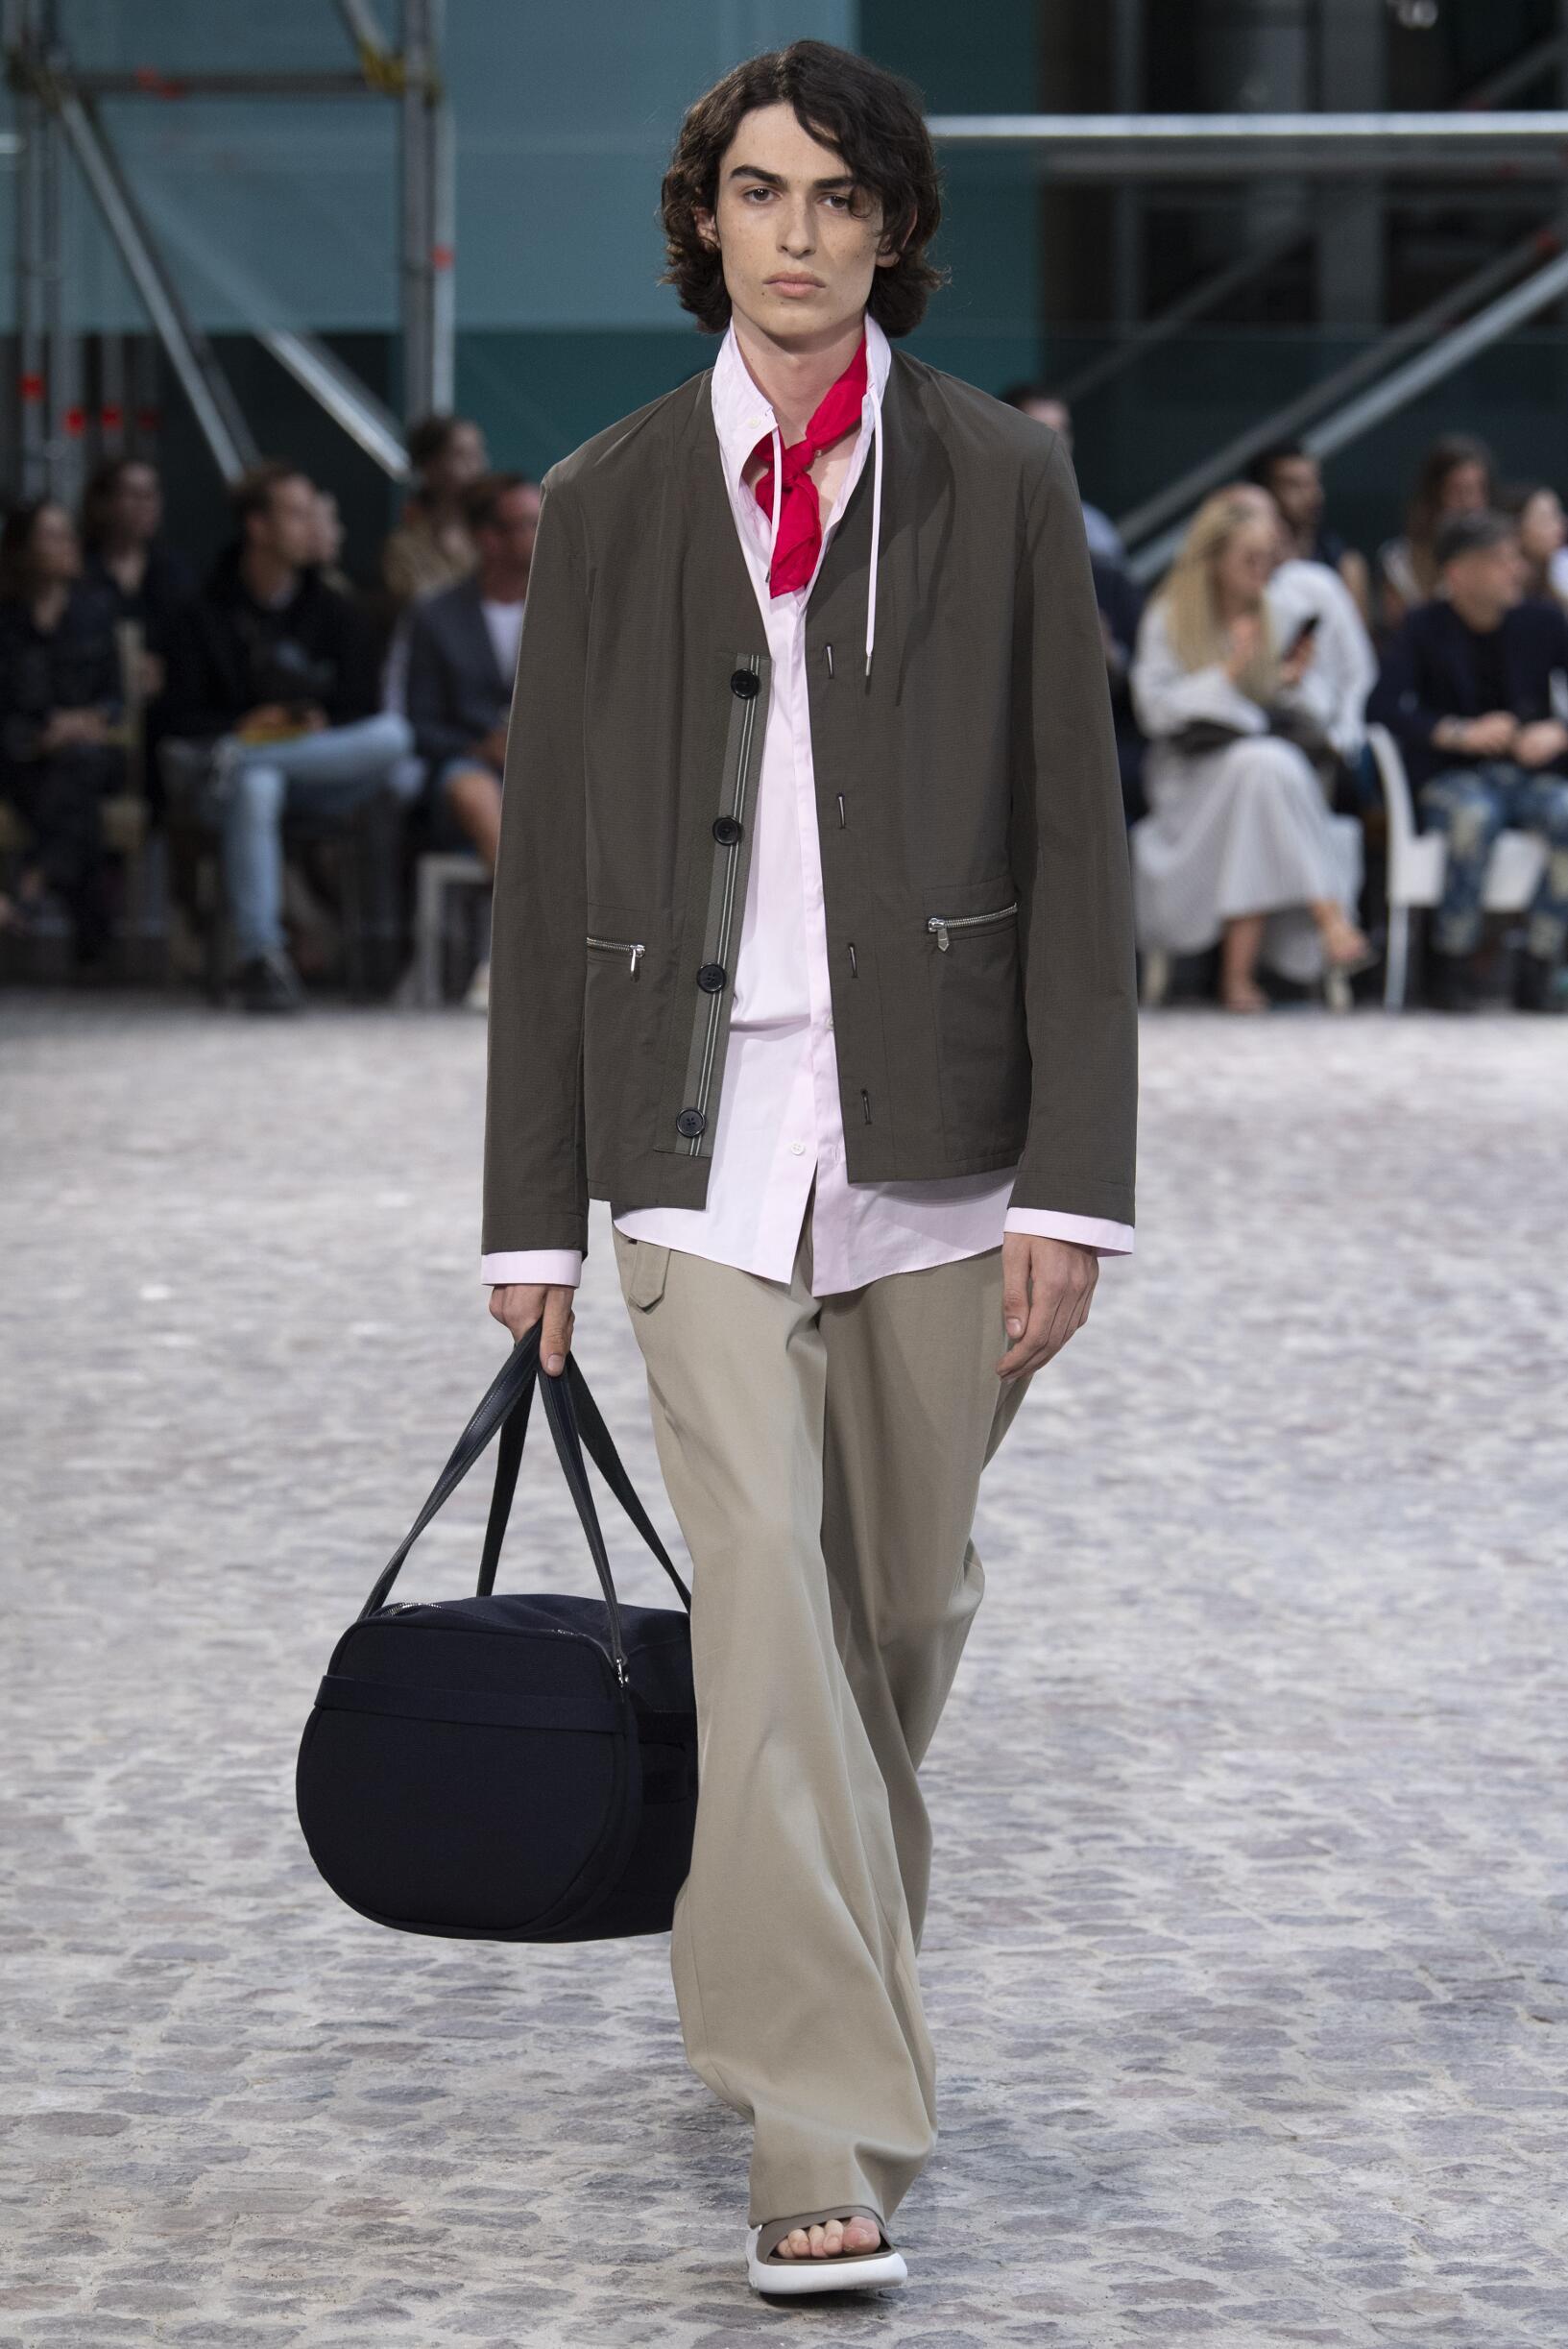 Hermès Summer 2020 Catwalk